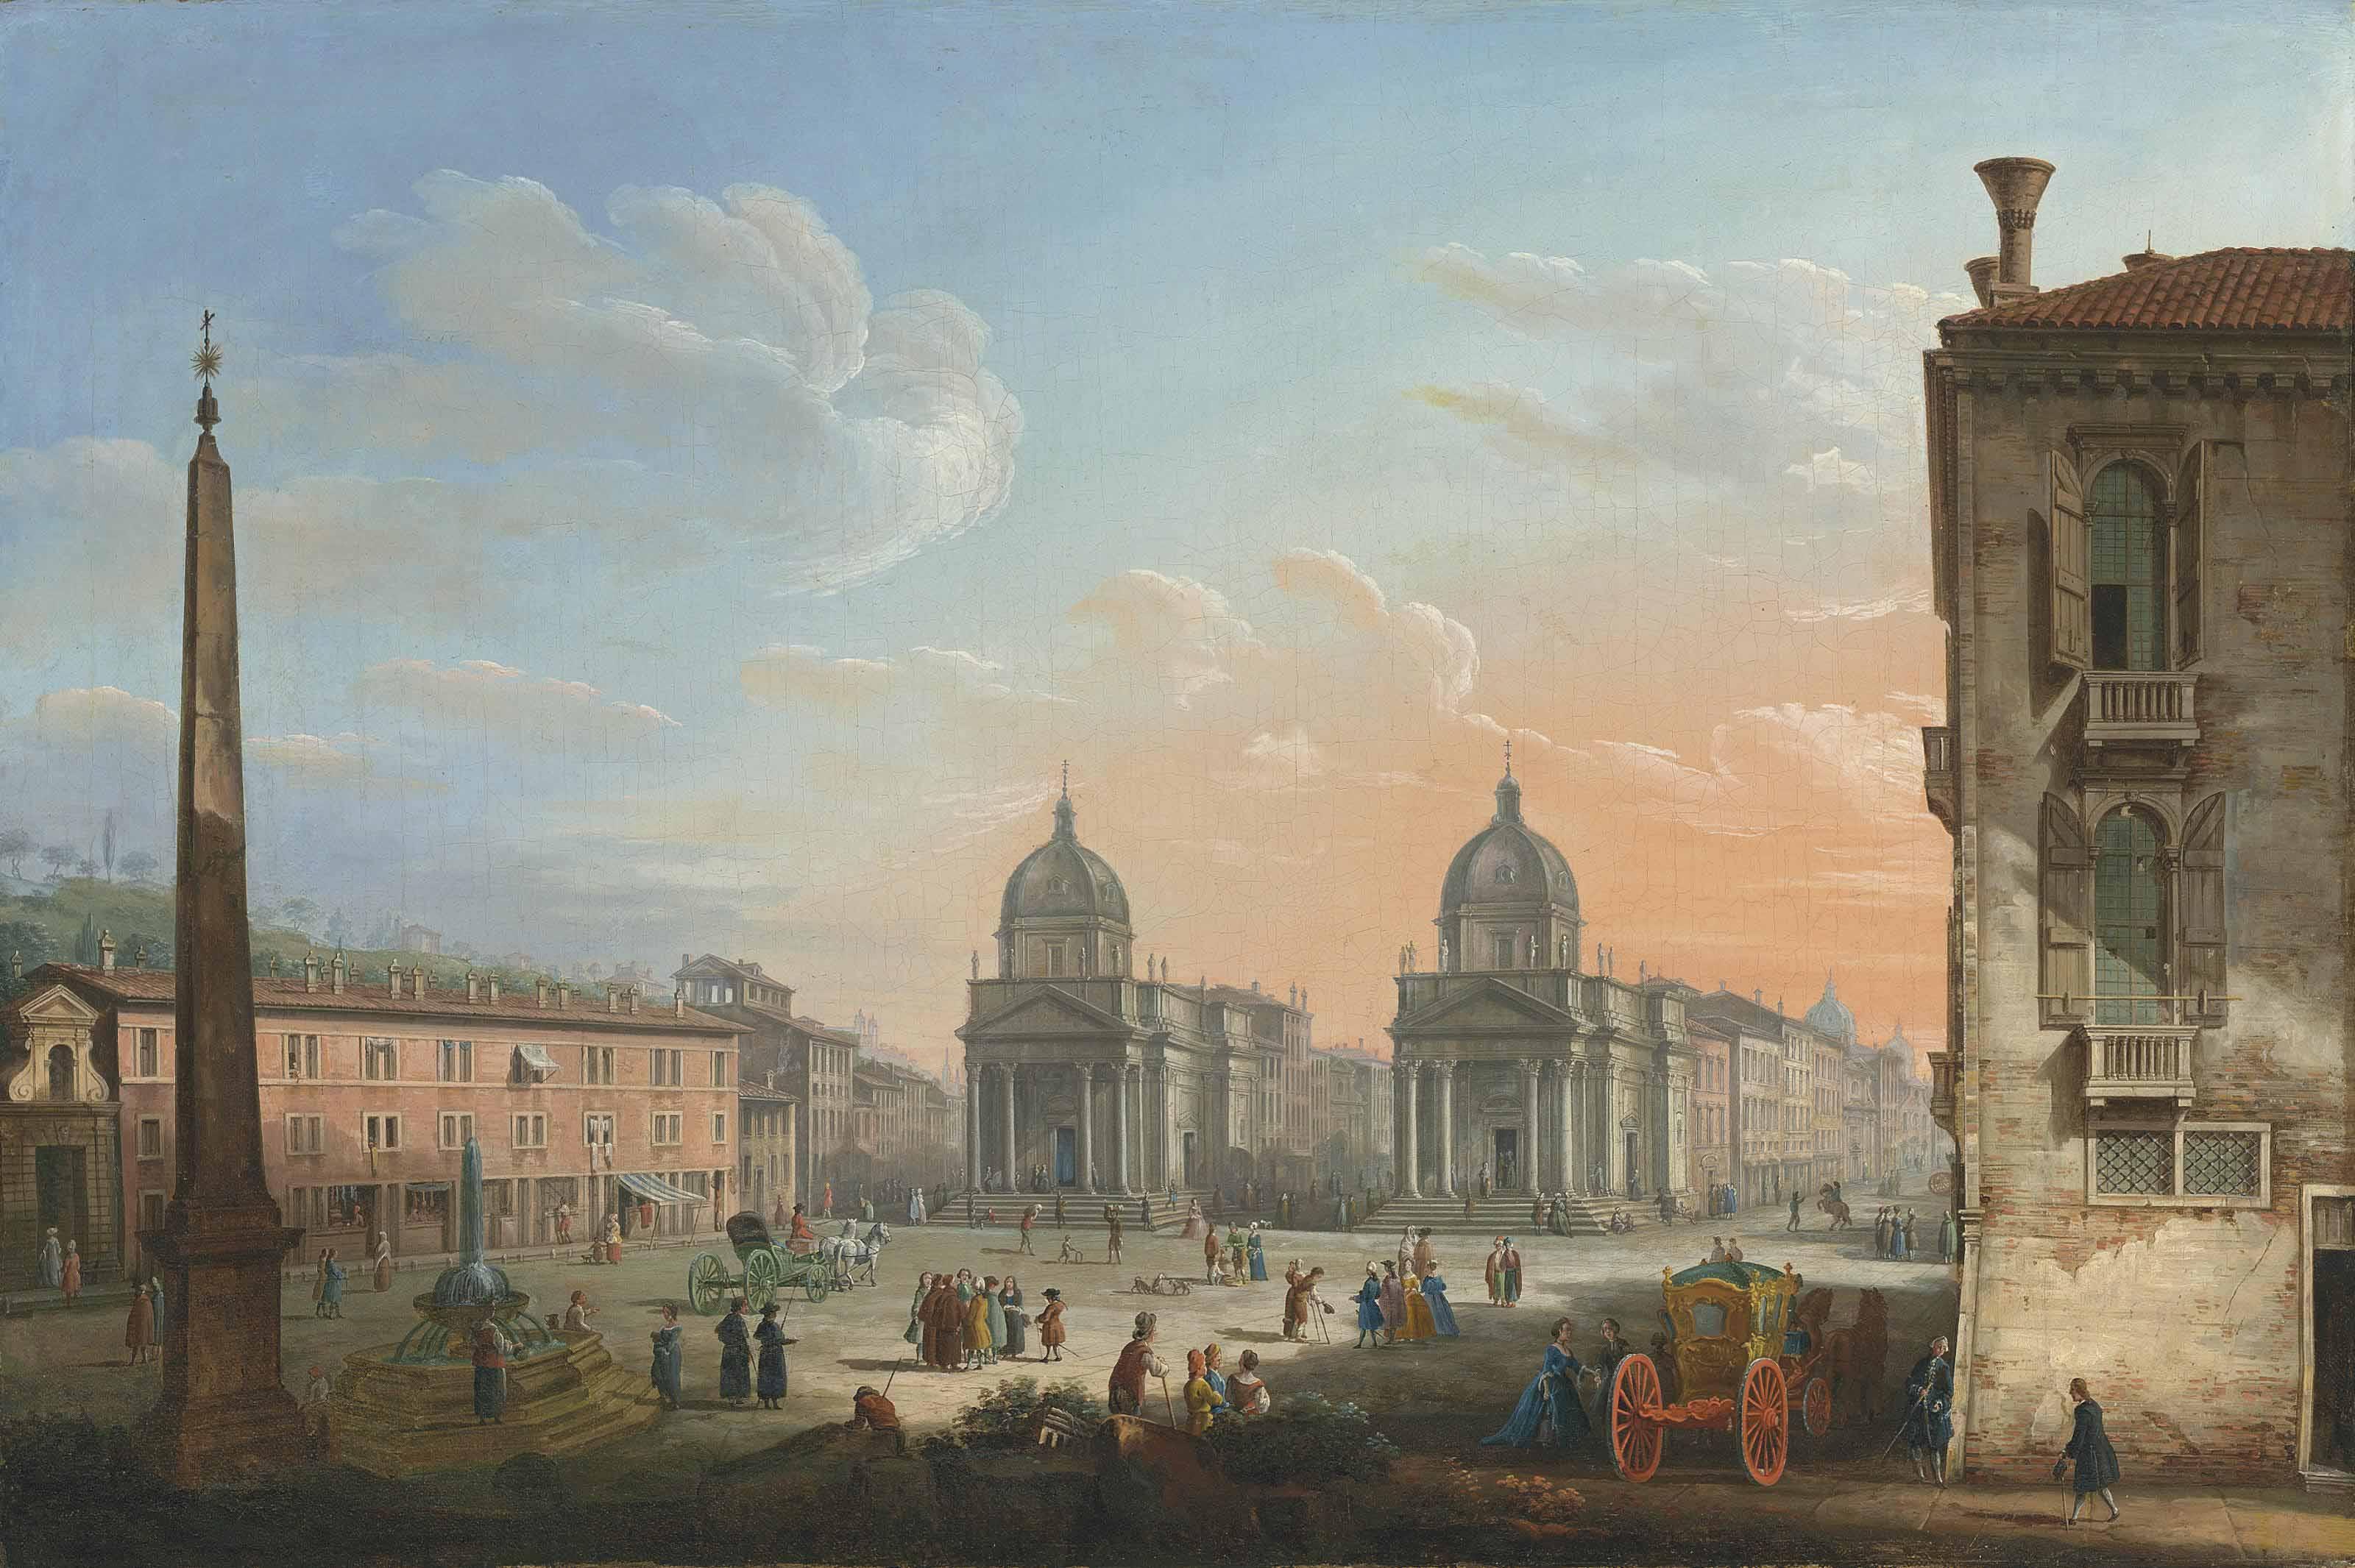 The Piazza del Popolo, Rome, looking towards the churches of Santa Maria di Montesanto and Santa Maria dei Miracoli